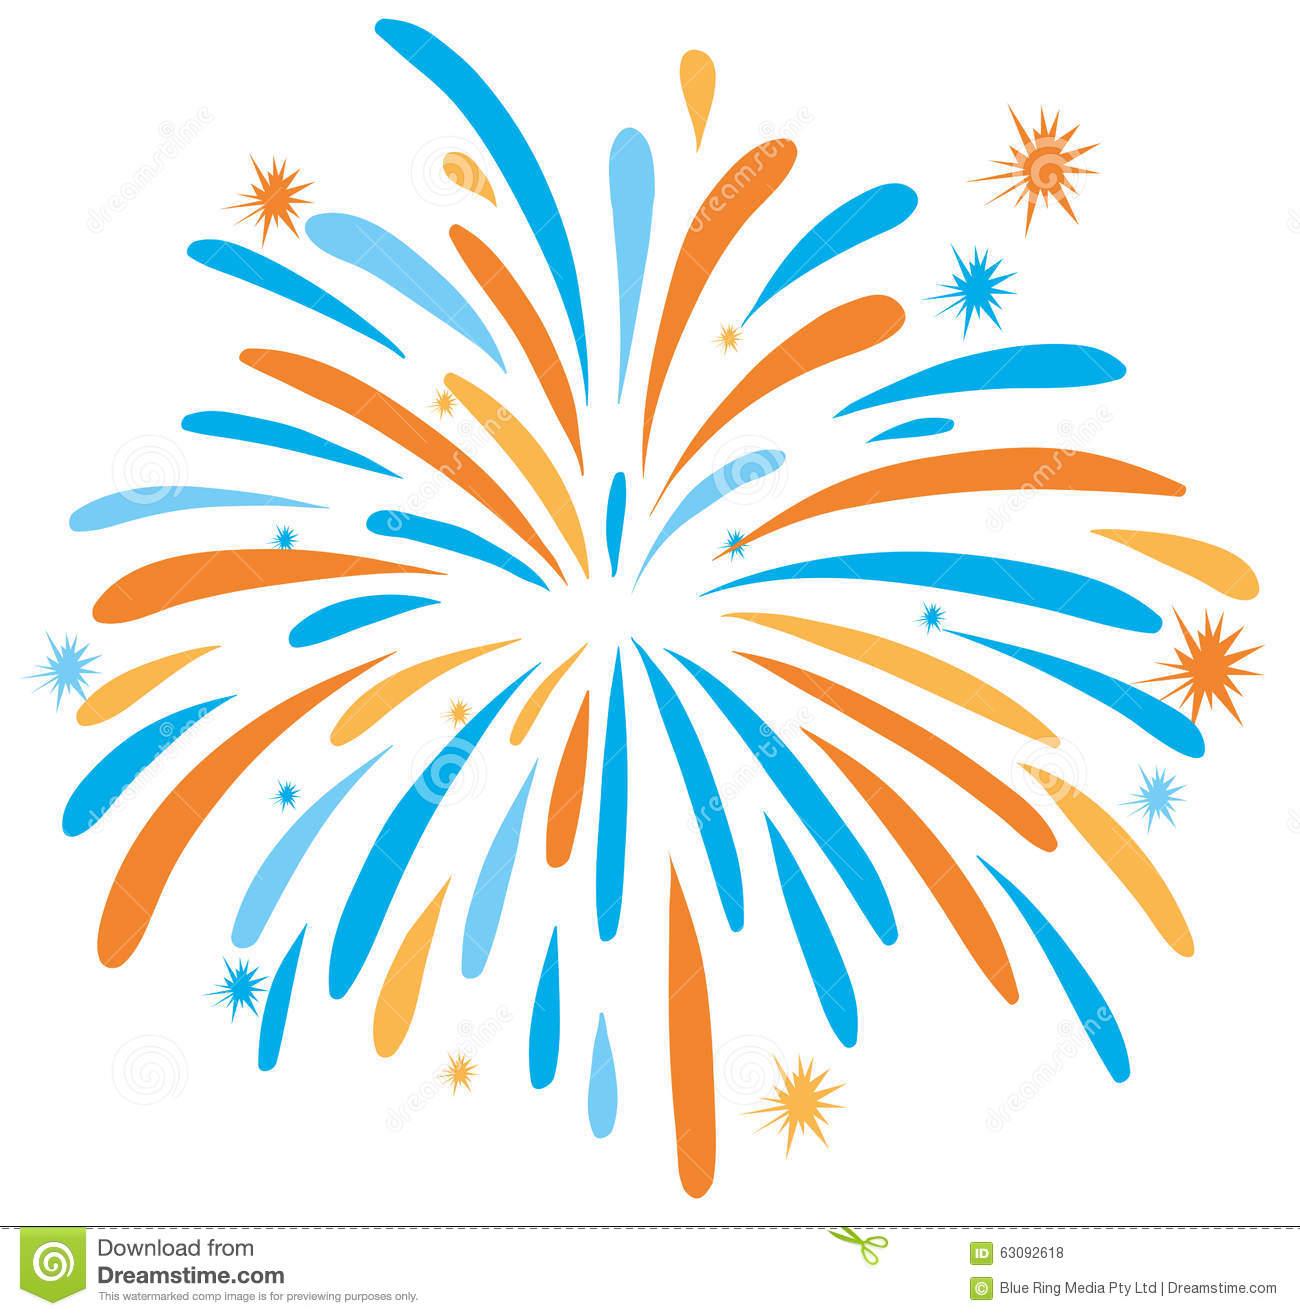 Fireworks free download best. Firecracker clipart orange